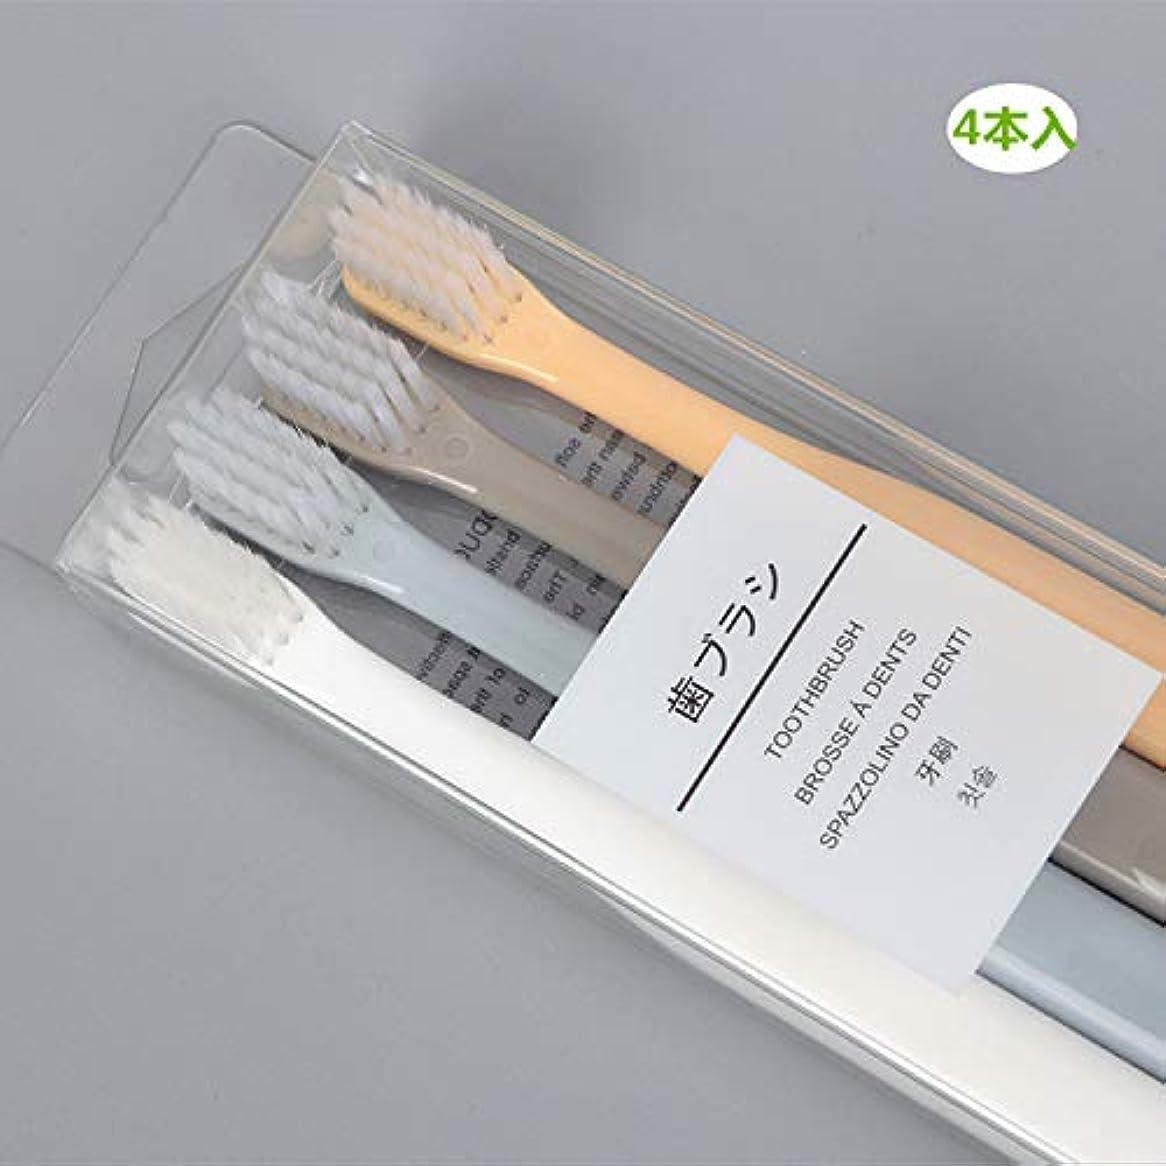 篭リングバック盟主歯ブラシ 柔らかい 小型ヘッド 超コンパク クリスタルボックス 大人用 (4本セット)